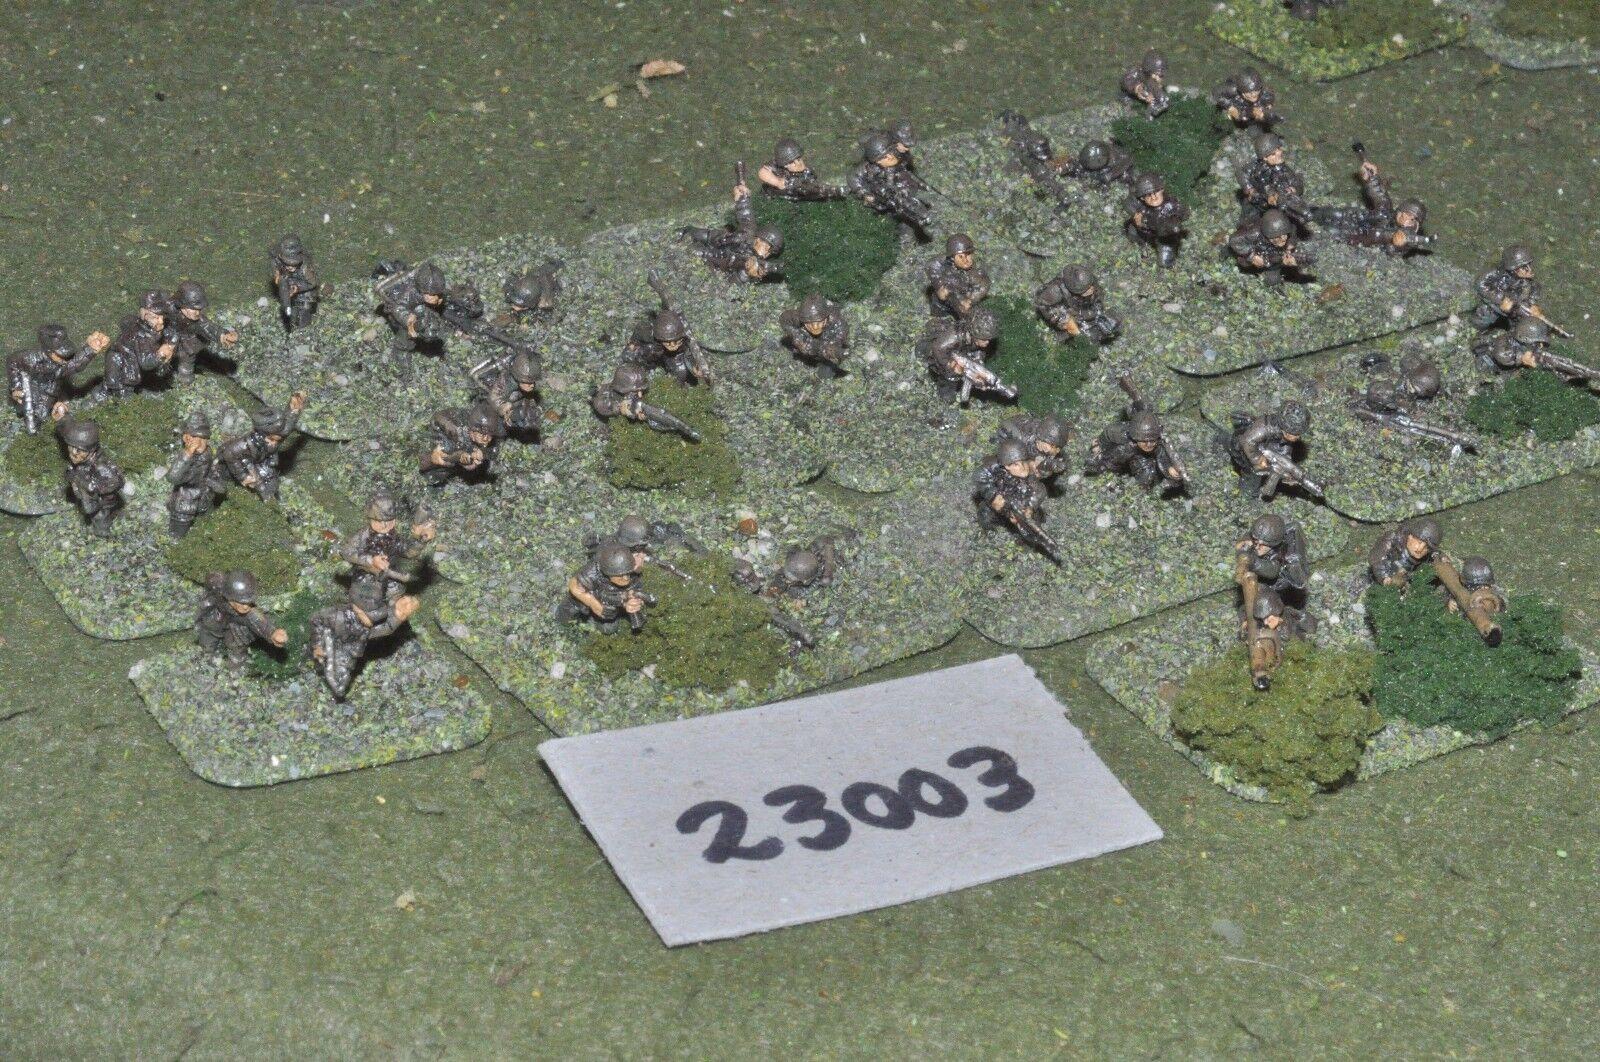 15 cats   deutsche - battle - group - 46 zahlen - inf (23003)